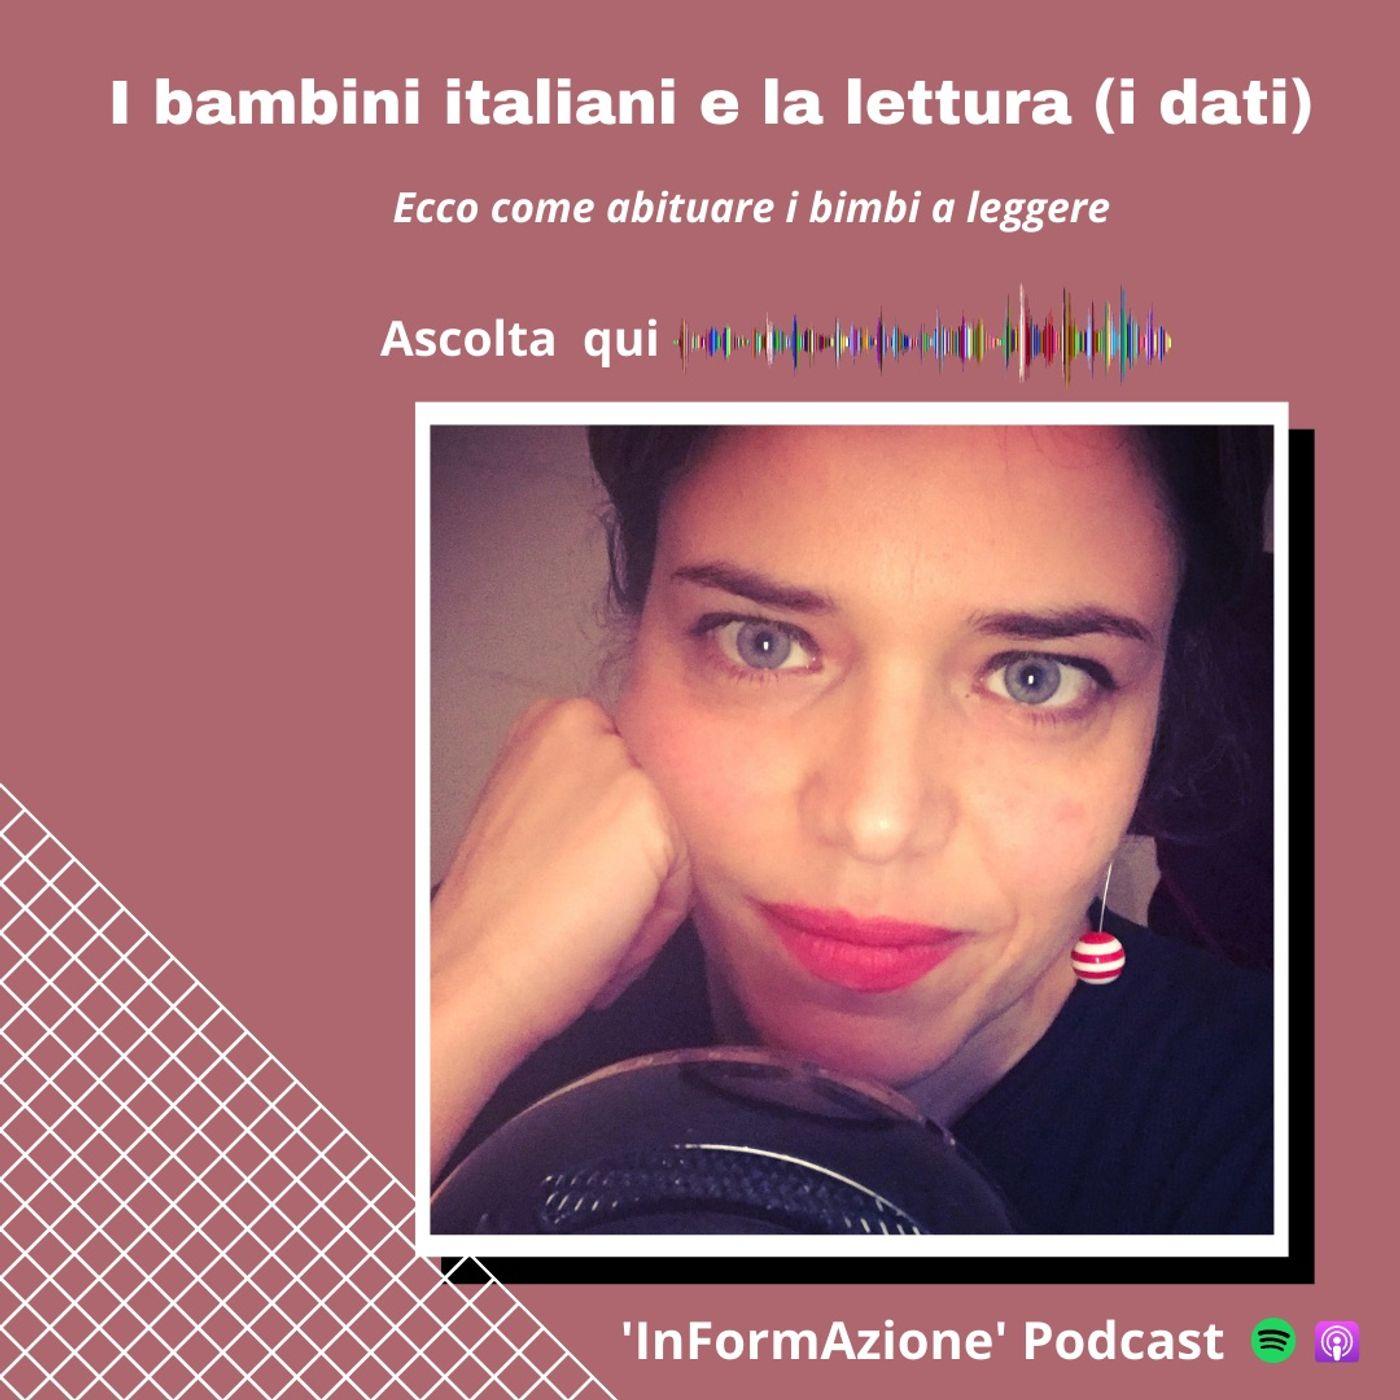 Ep. 11 - I bambini italiani e la lettura (ecco i dati). Ma come abituarli a leggere?